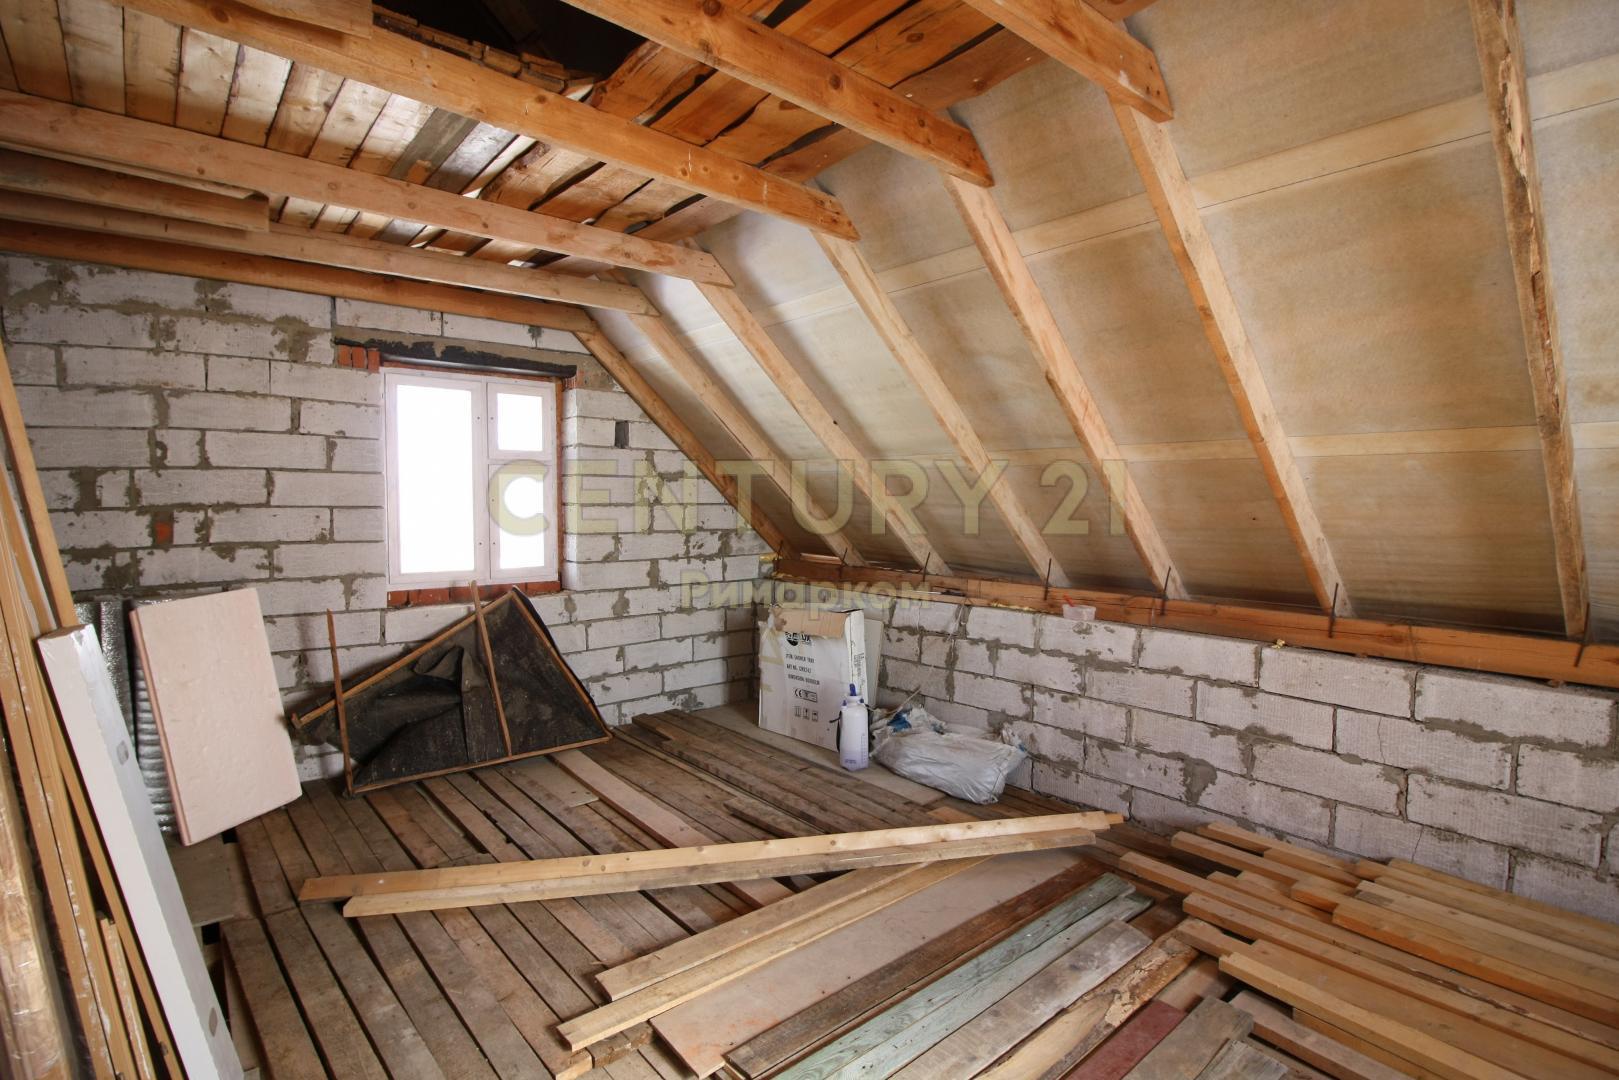 Продам дом по адресу Россия, Москва и Московская область, Ишино фото 2 по выгодной цене